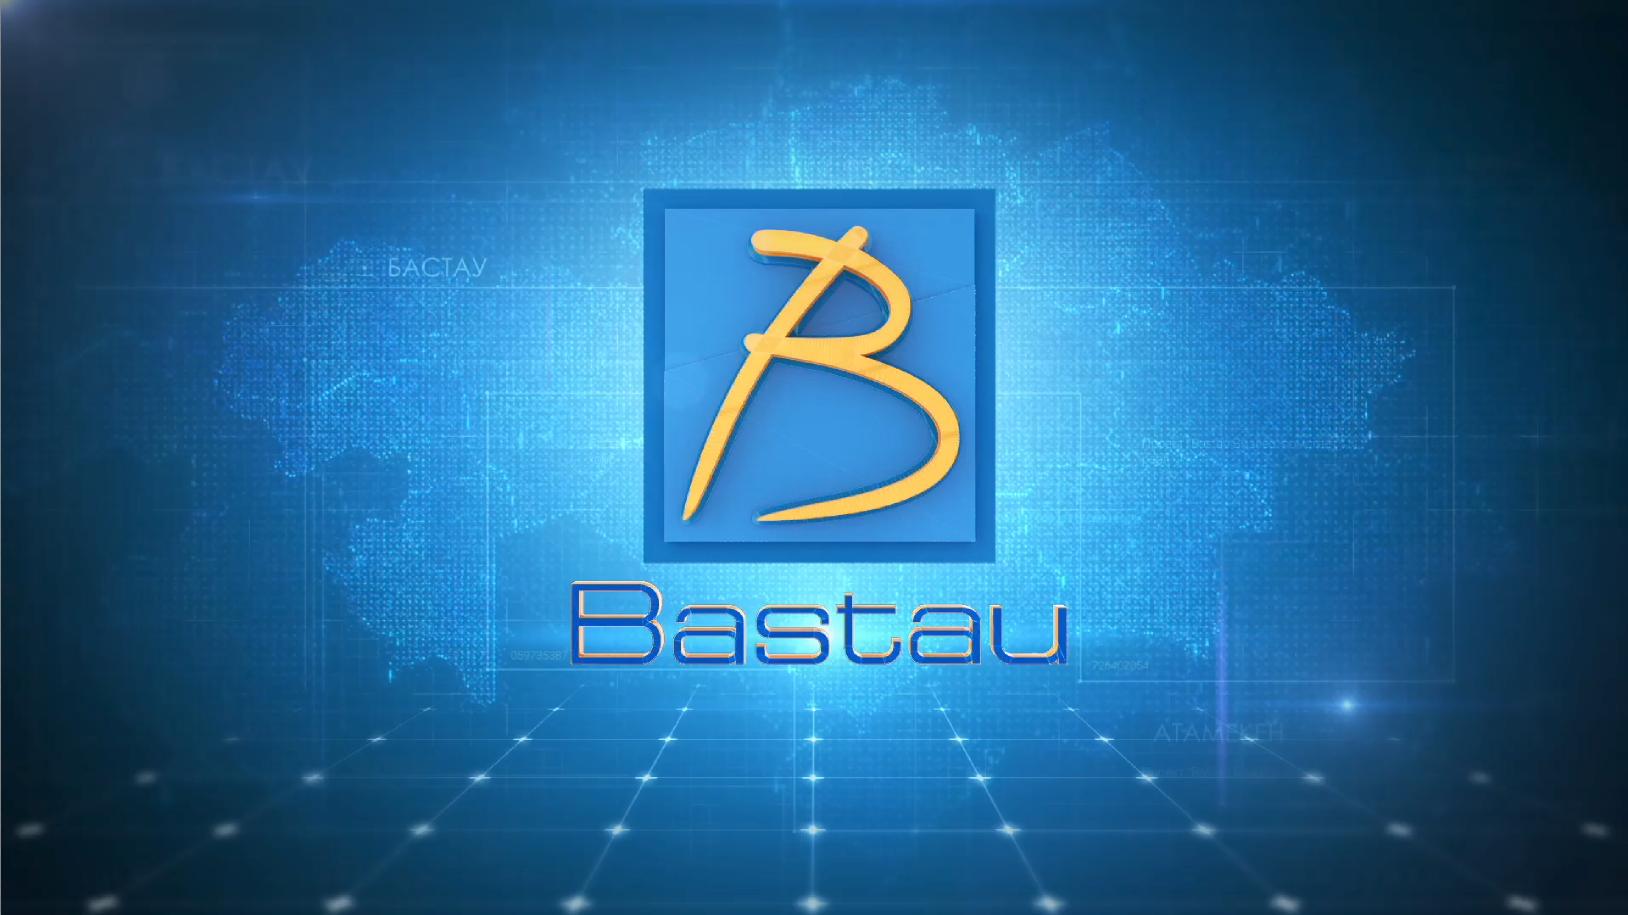 Bastau бизнес